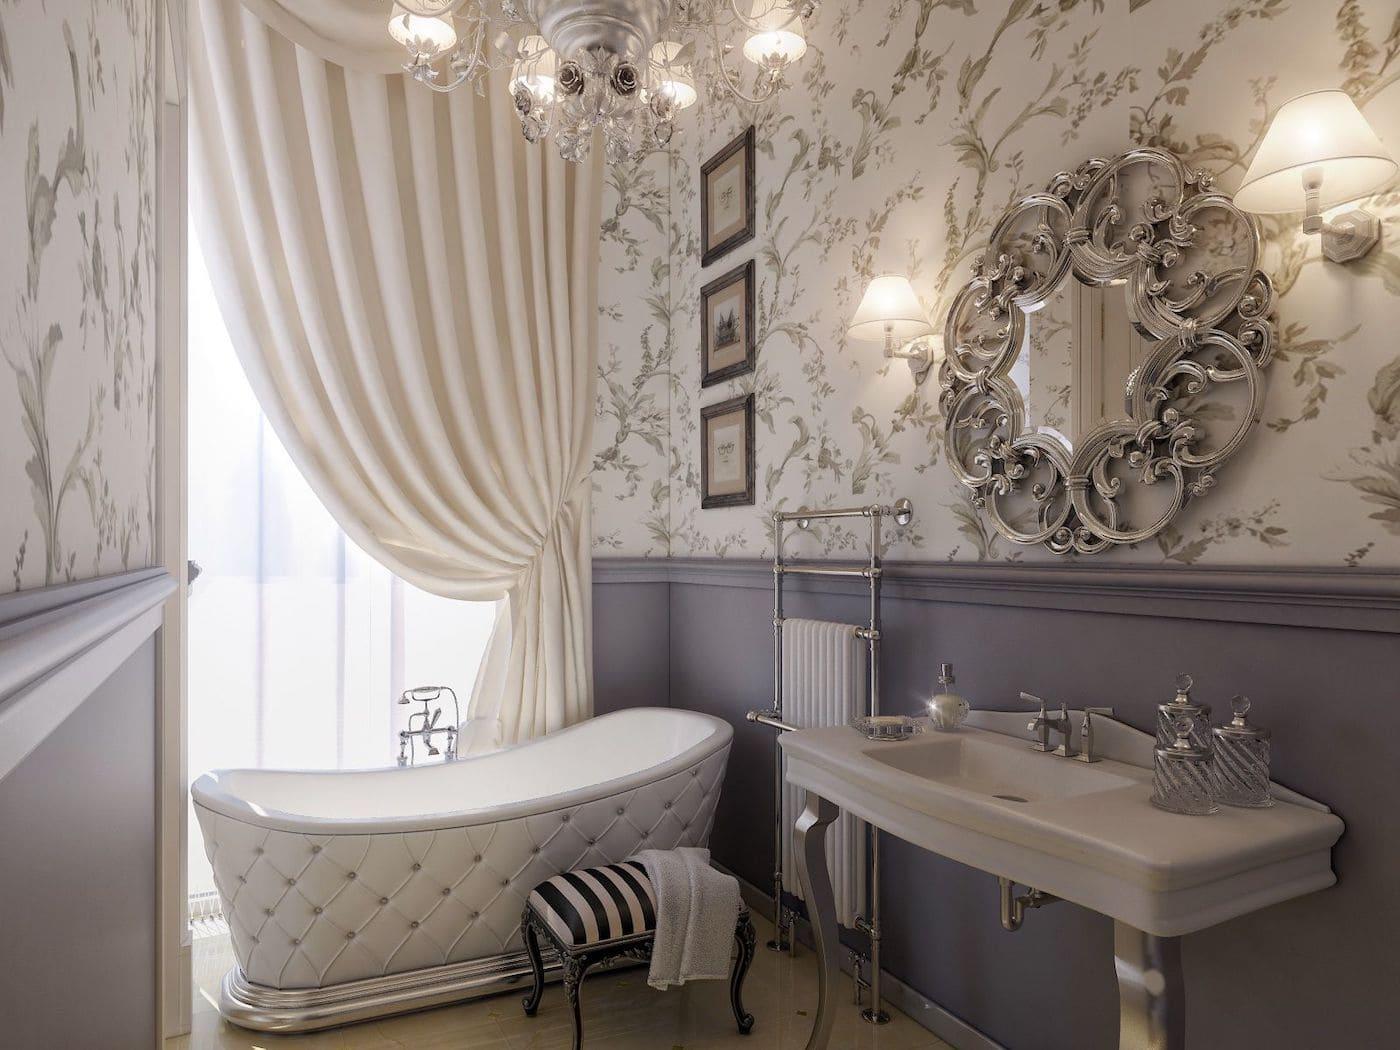 дизайн интерьера ванной комнаты фото 35